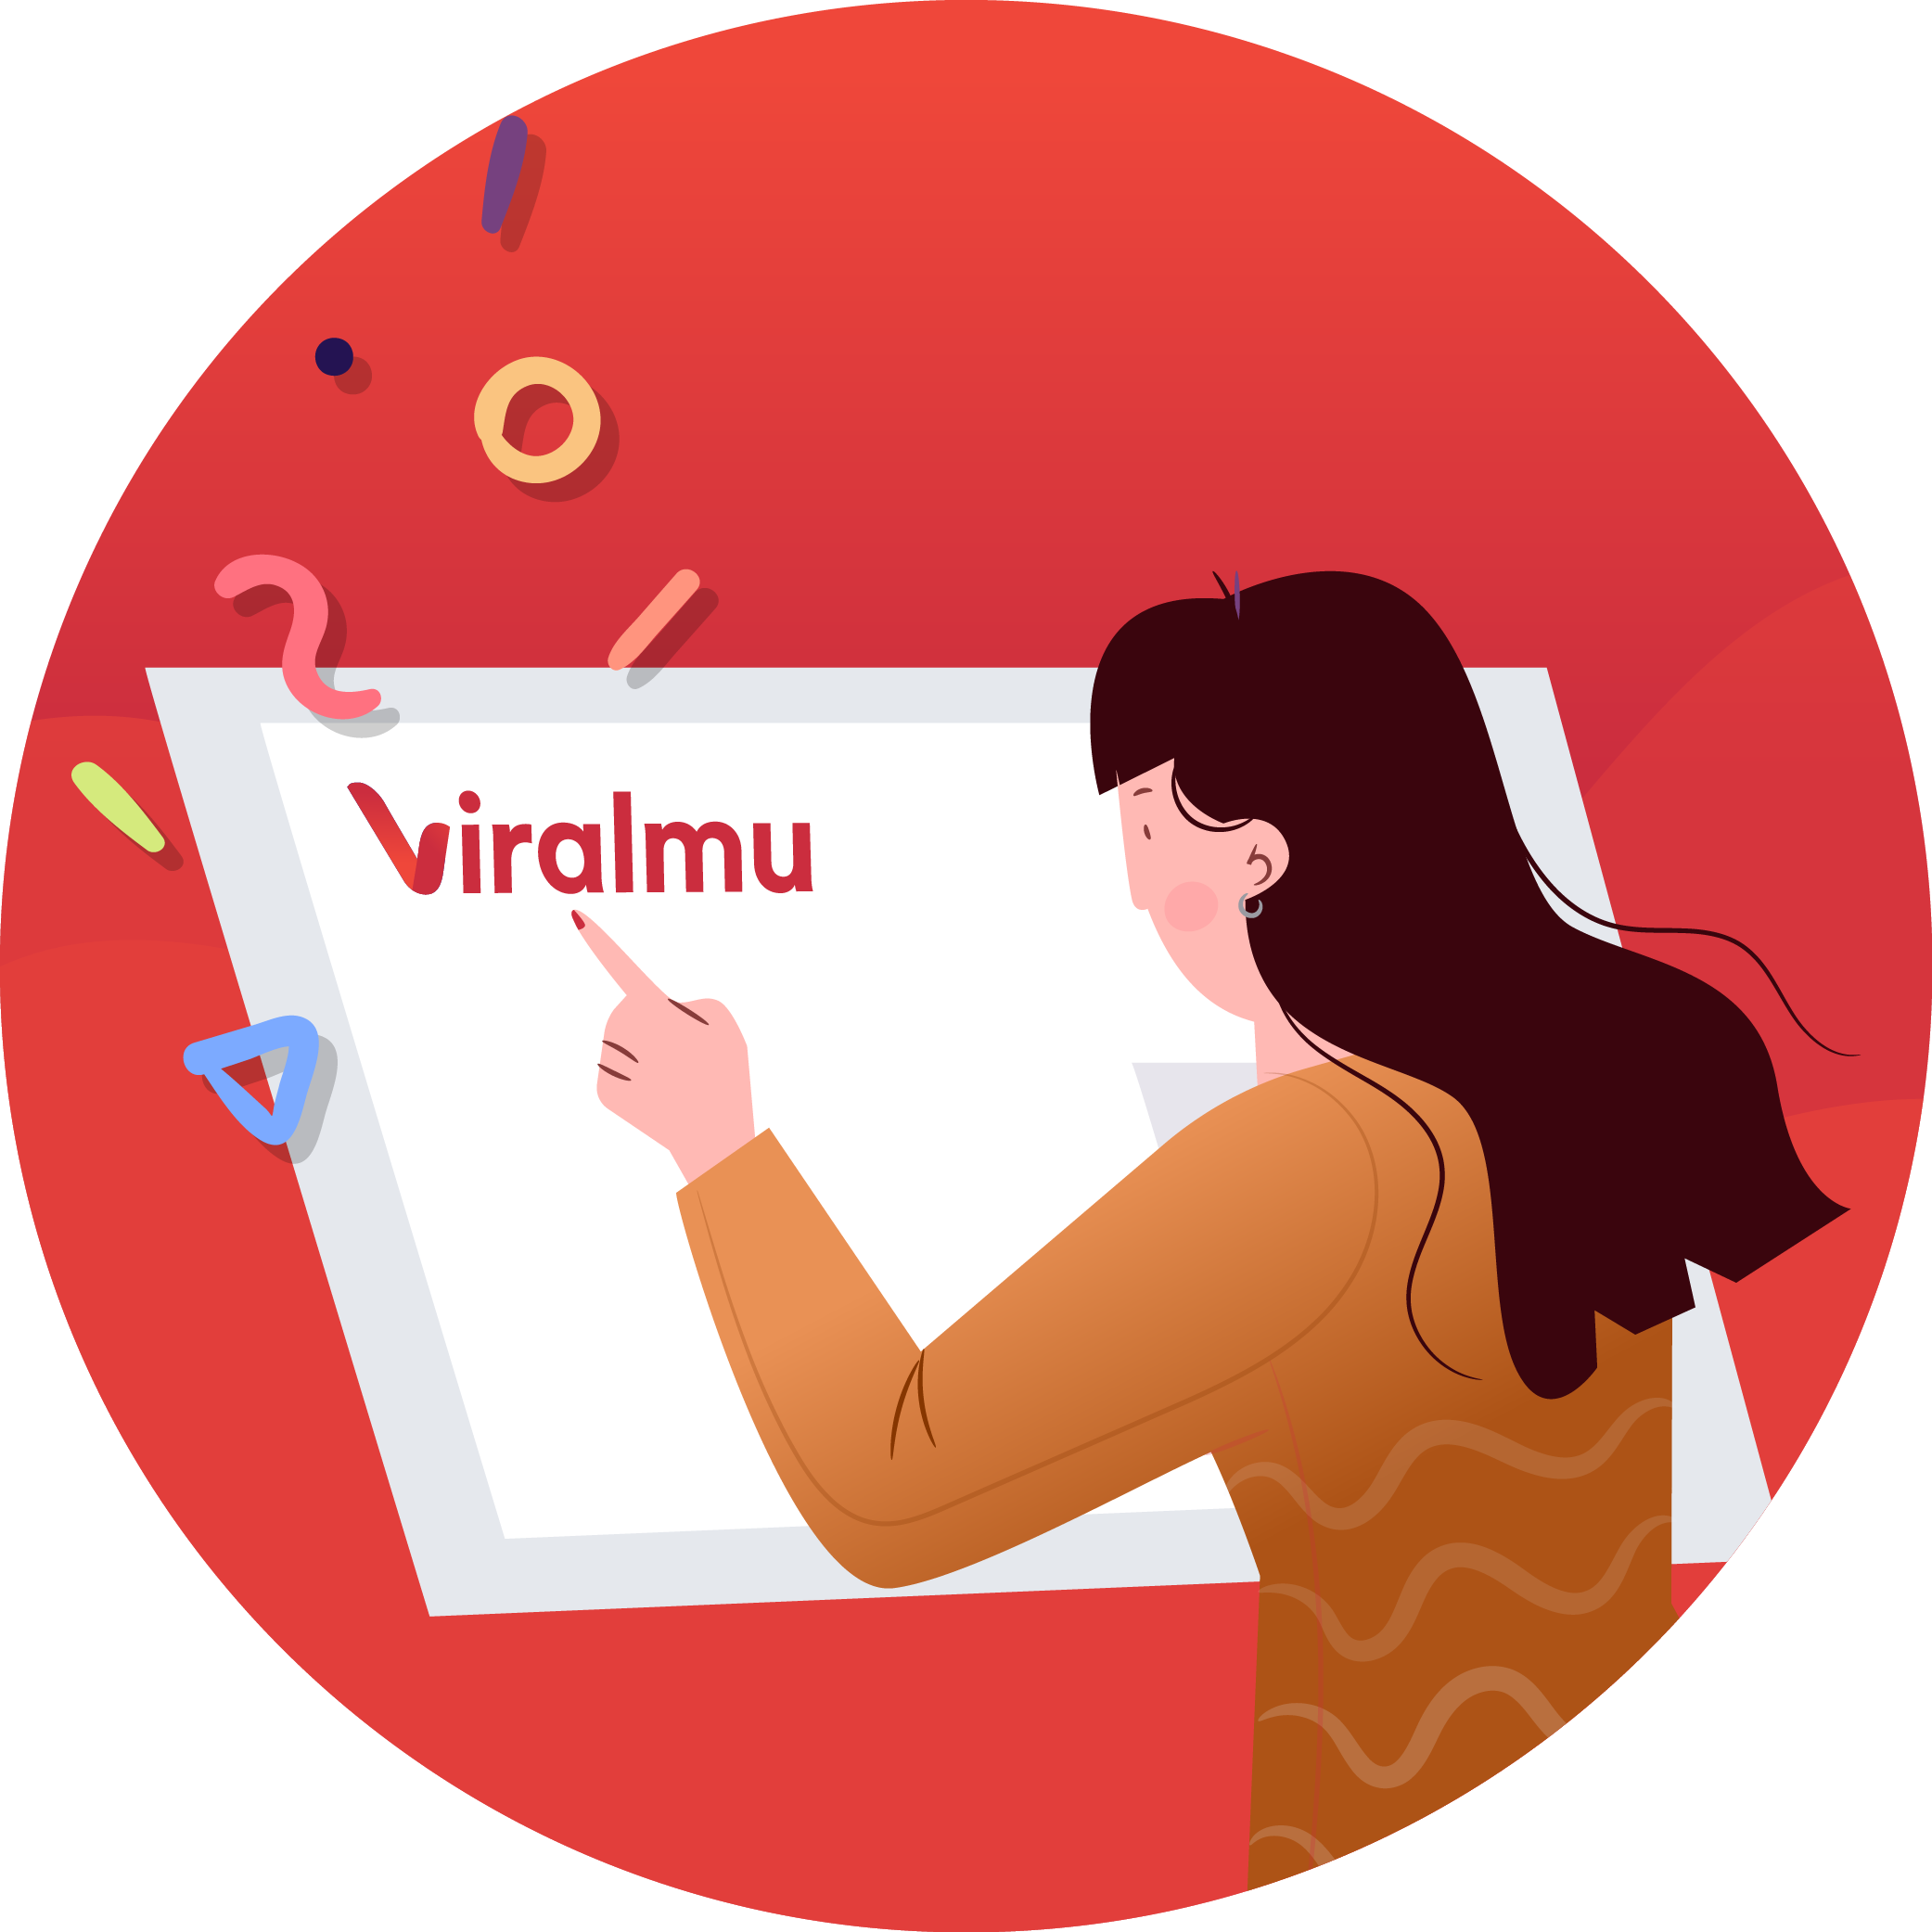 aplikasi pembuat viral